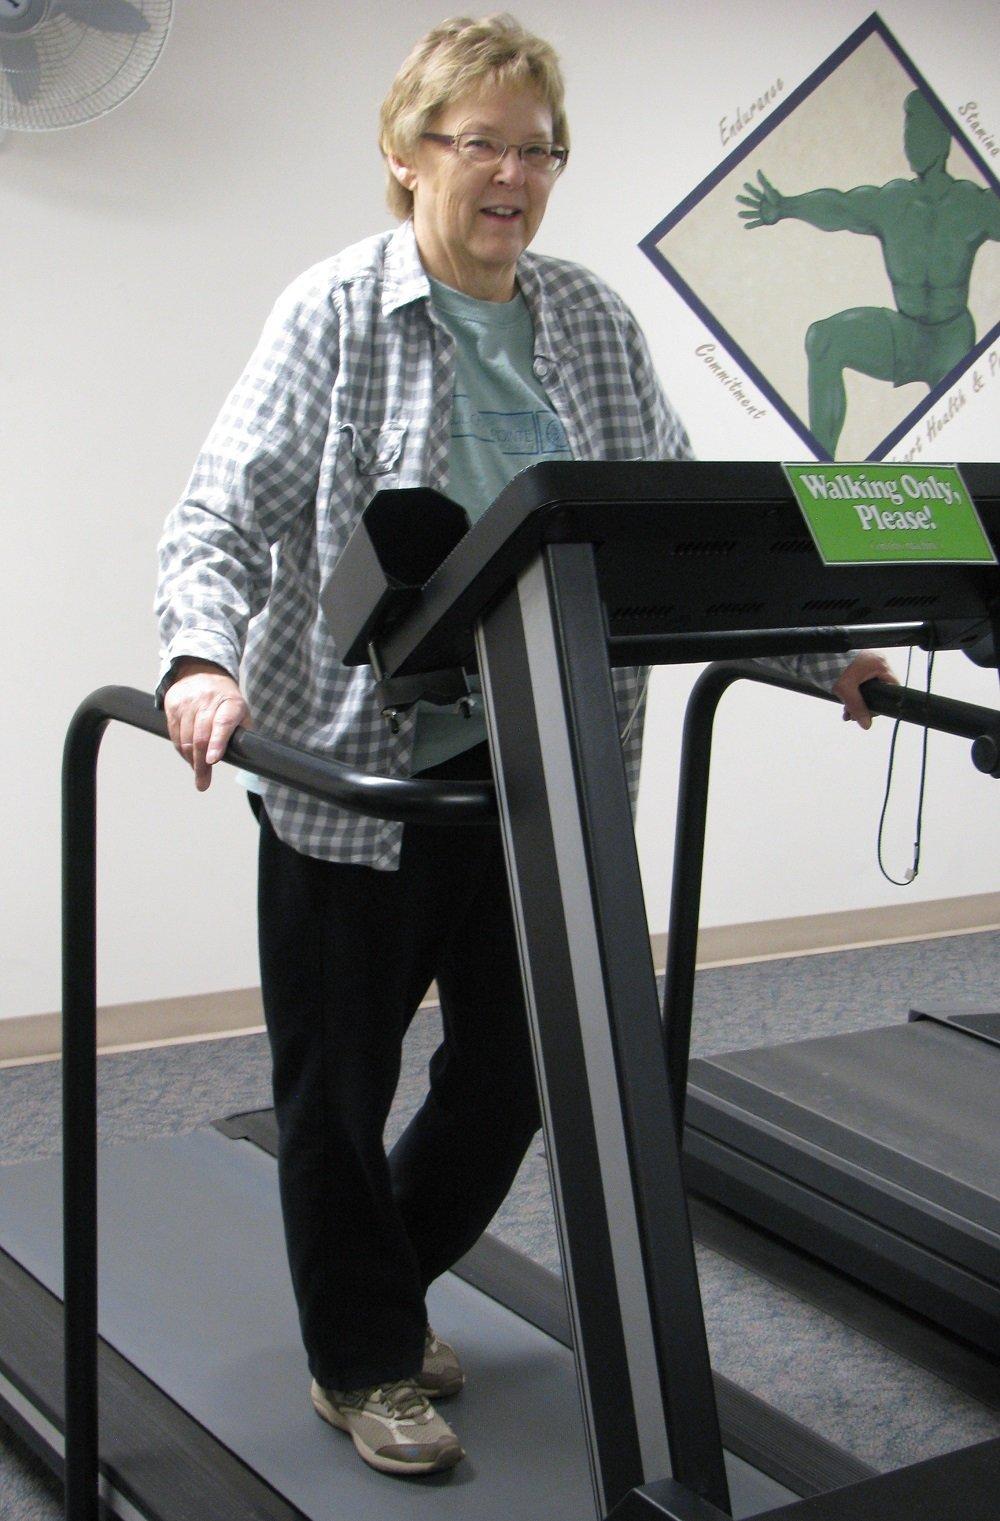 Lynne Rahilly walking on a treadmill